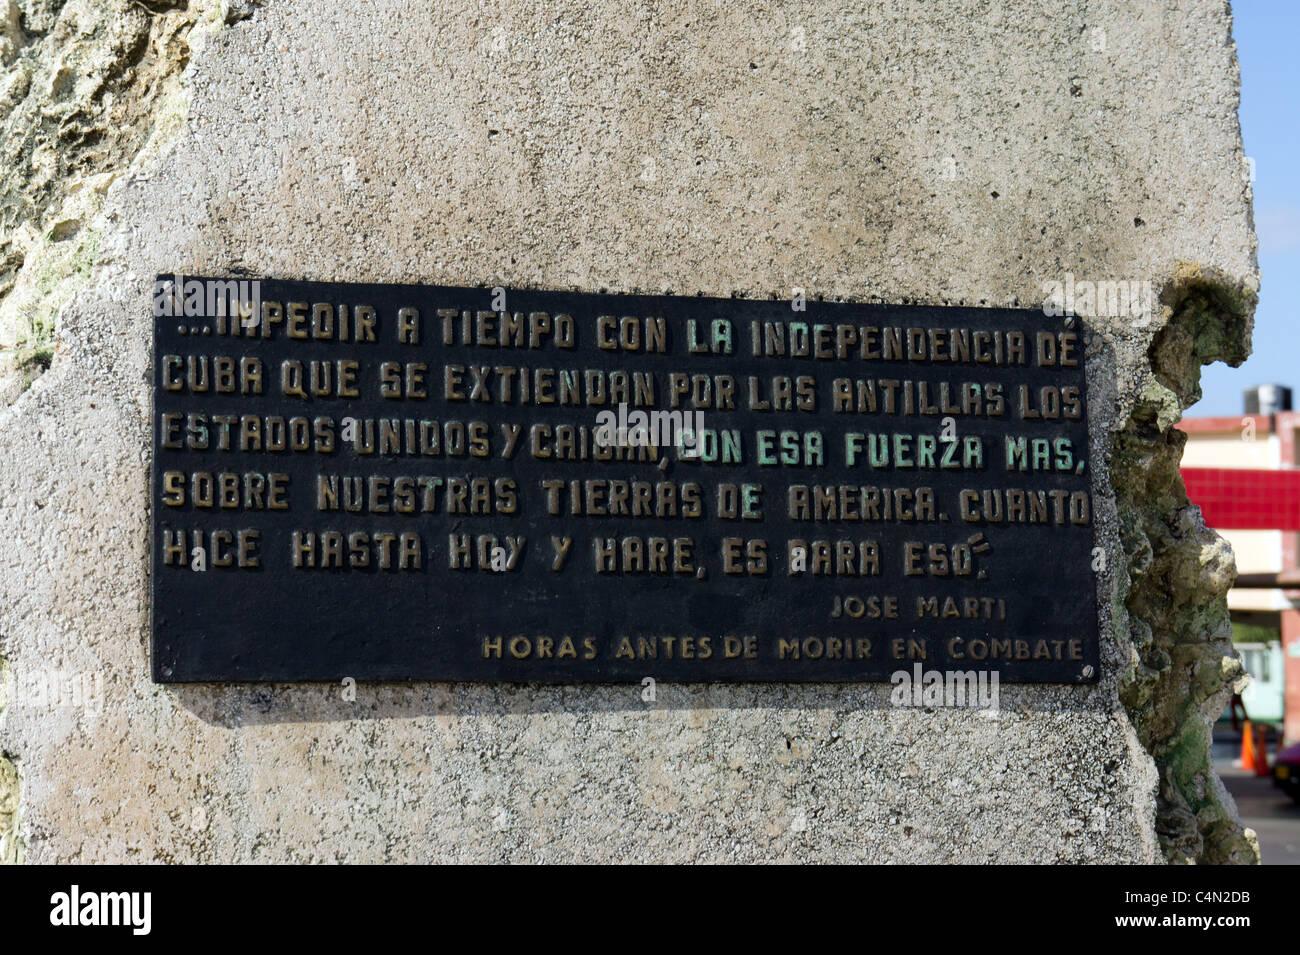 Plaque on Statue of José Martí in the Anti-Imperialist Plaza, Havana, Cuba. - Stock Image